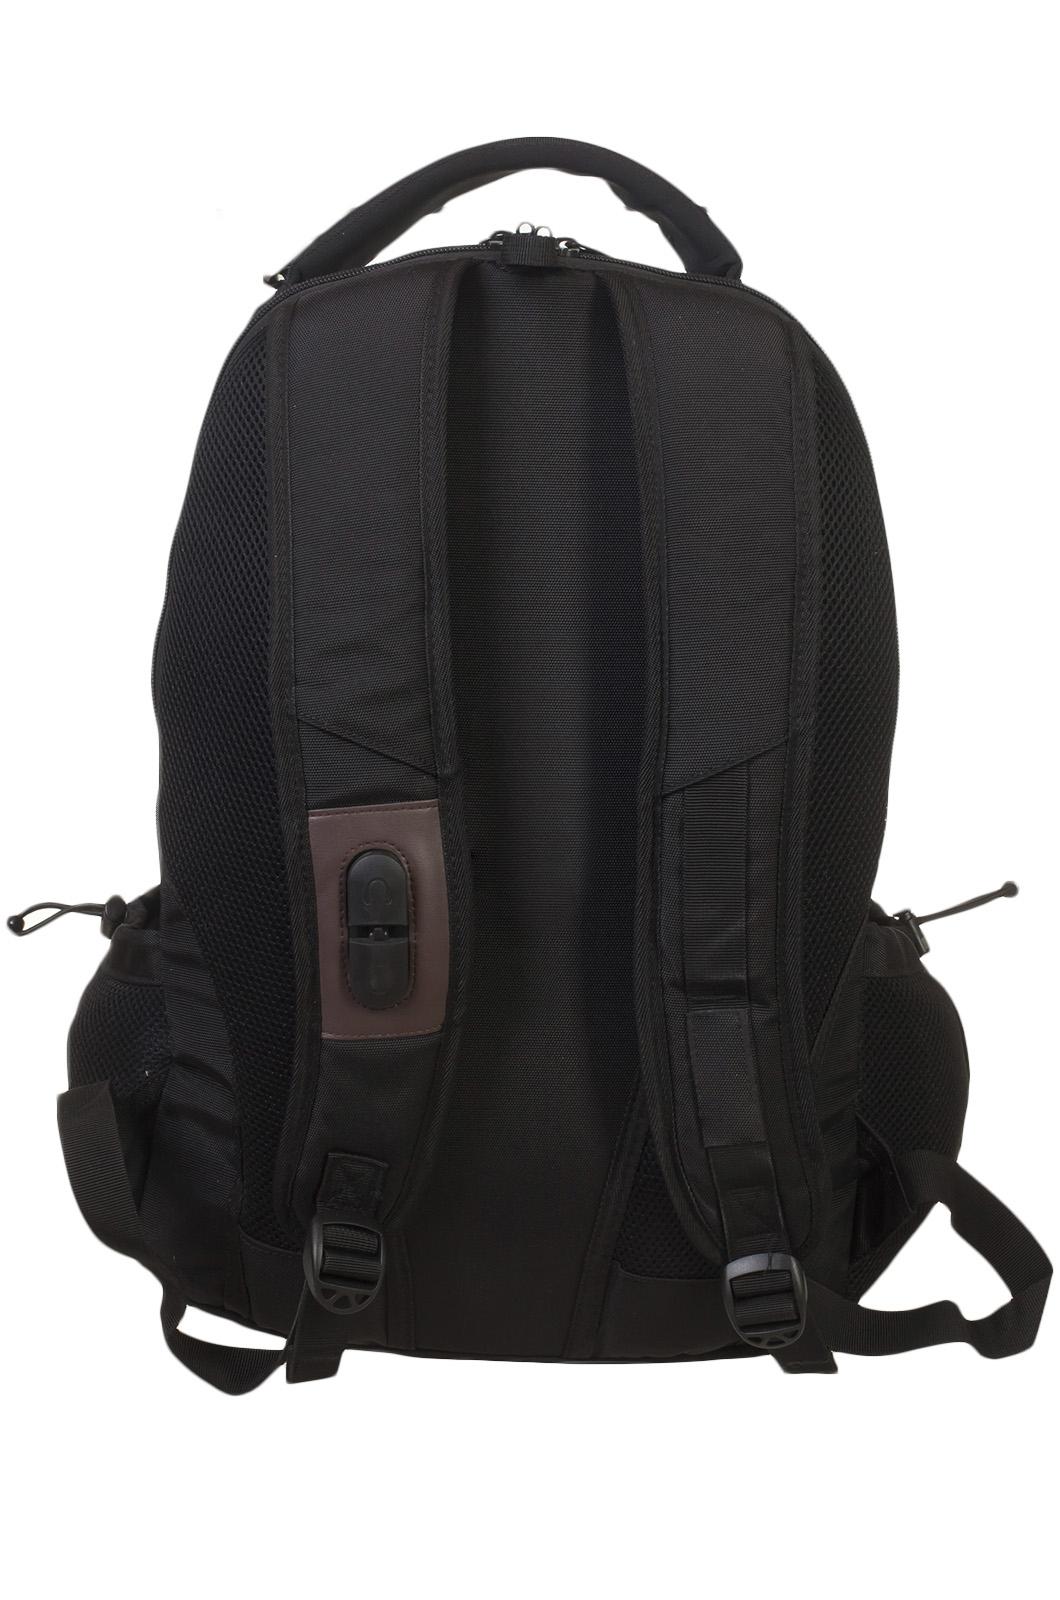 Черный крутой рюкзак с нашивкой Каратель - заказать в подарок